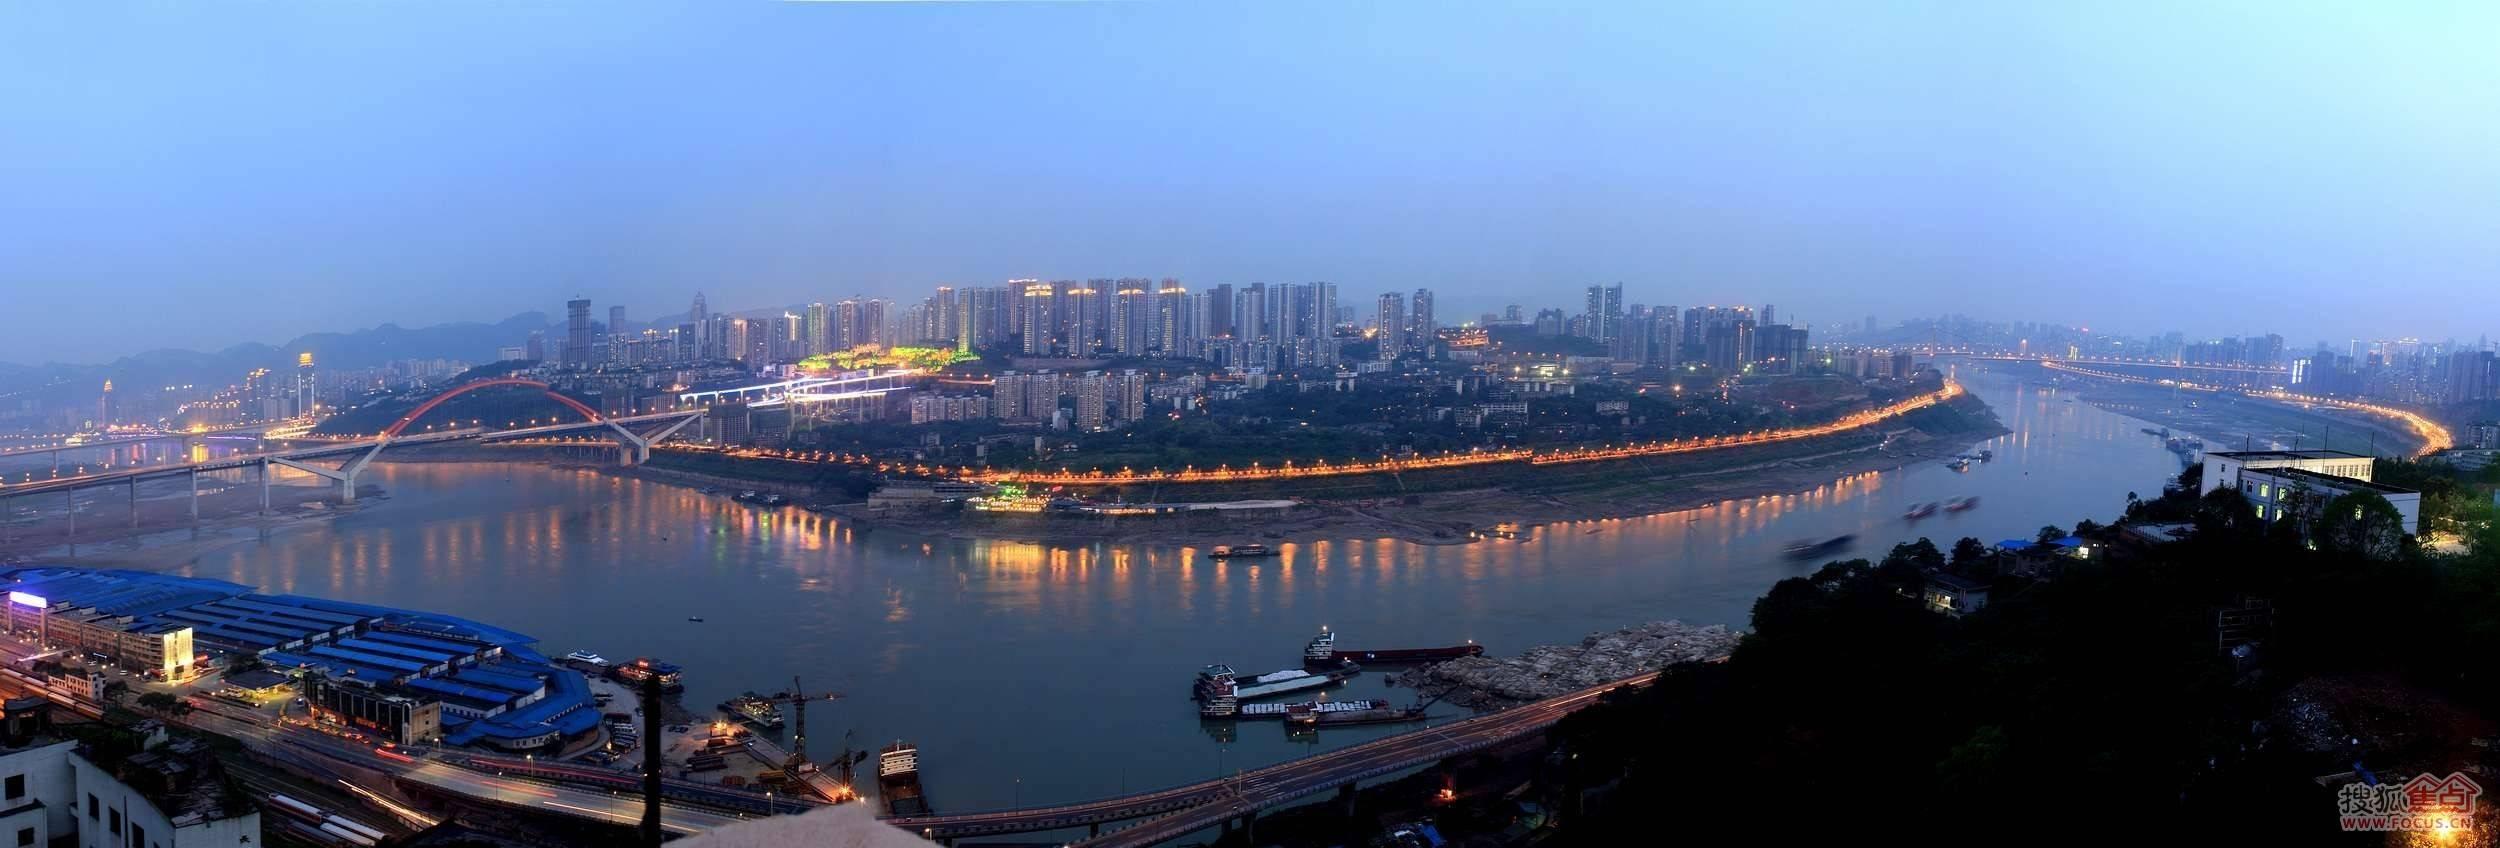 江景房也不贵,7276在春语江山买下城市江山风景